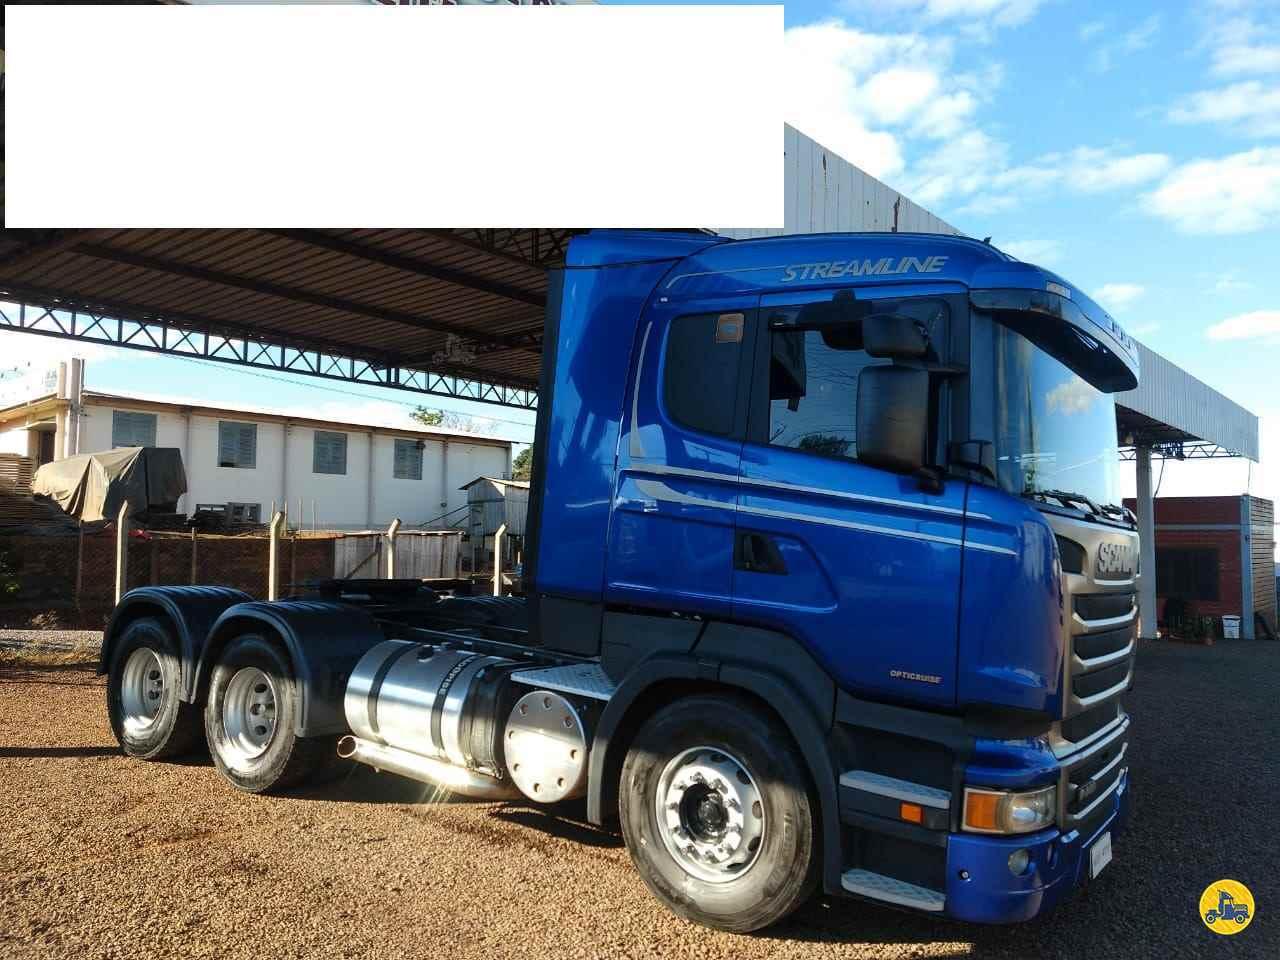 CAMINHAO SCANIA SCANIA 440 Cavalo Mecânico Traçado 6x4 Transmap Caminhões SANTA ROSA RIO GRANDE DO SUL RS